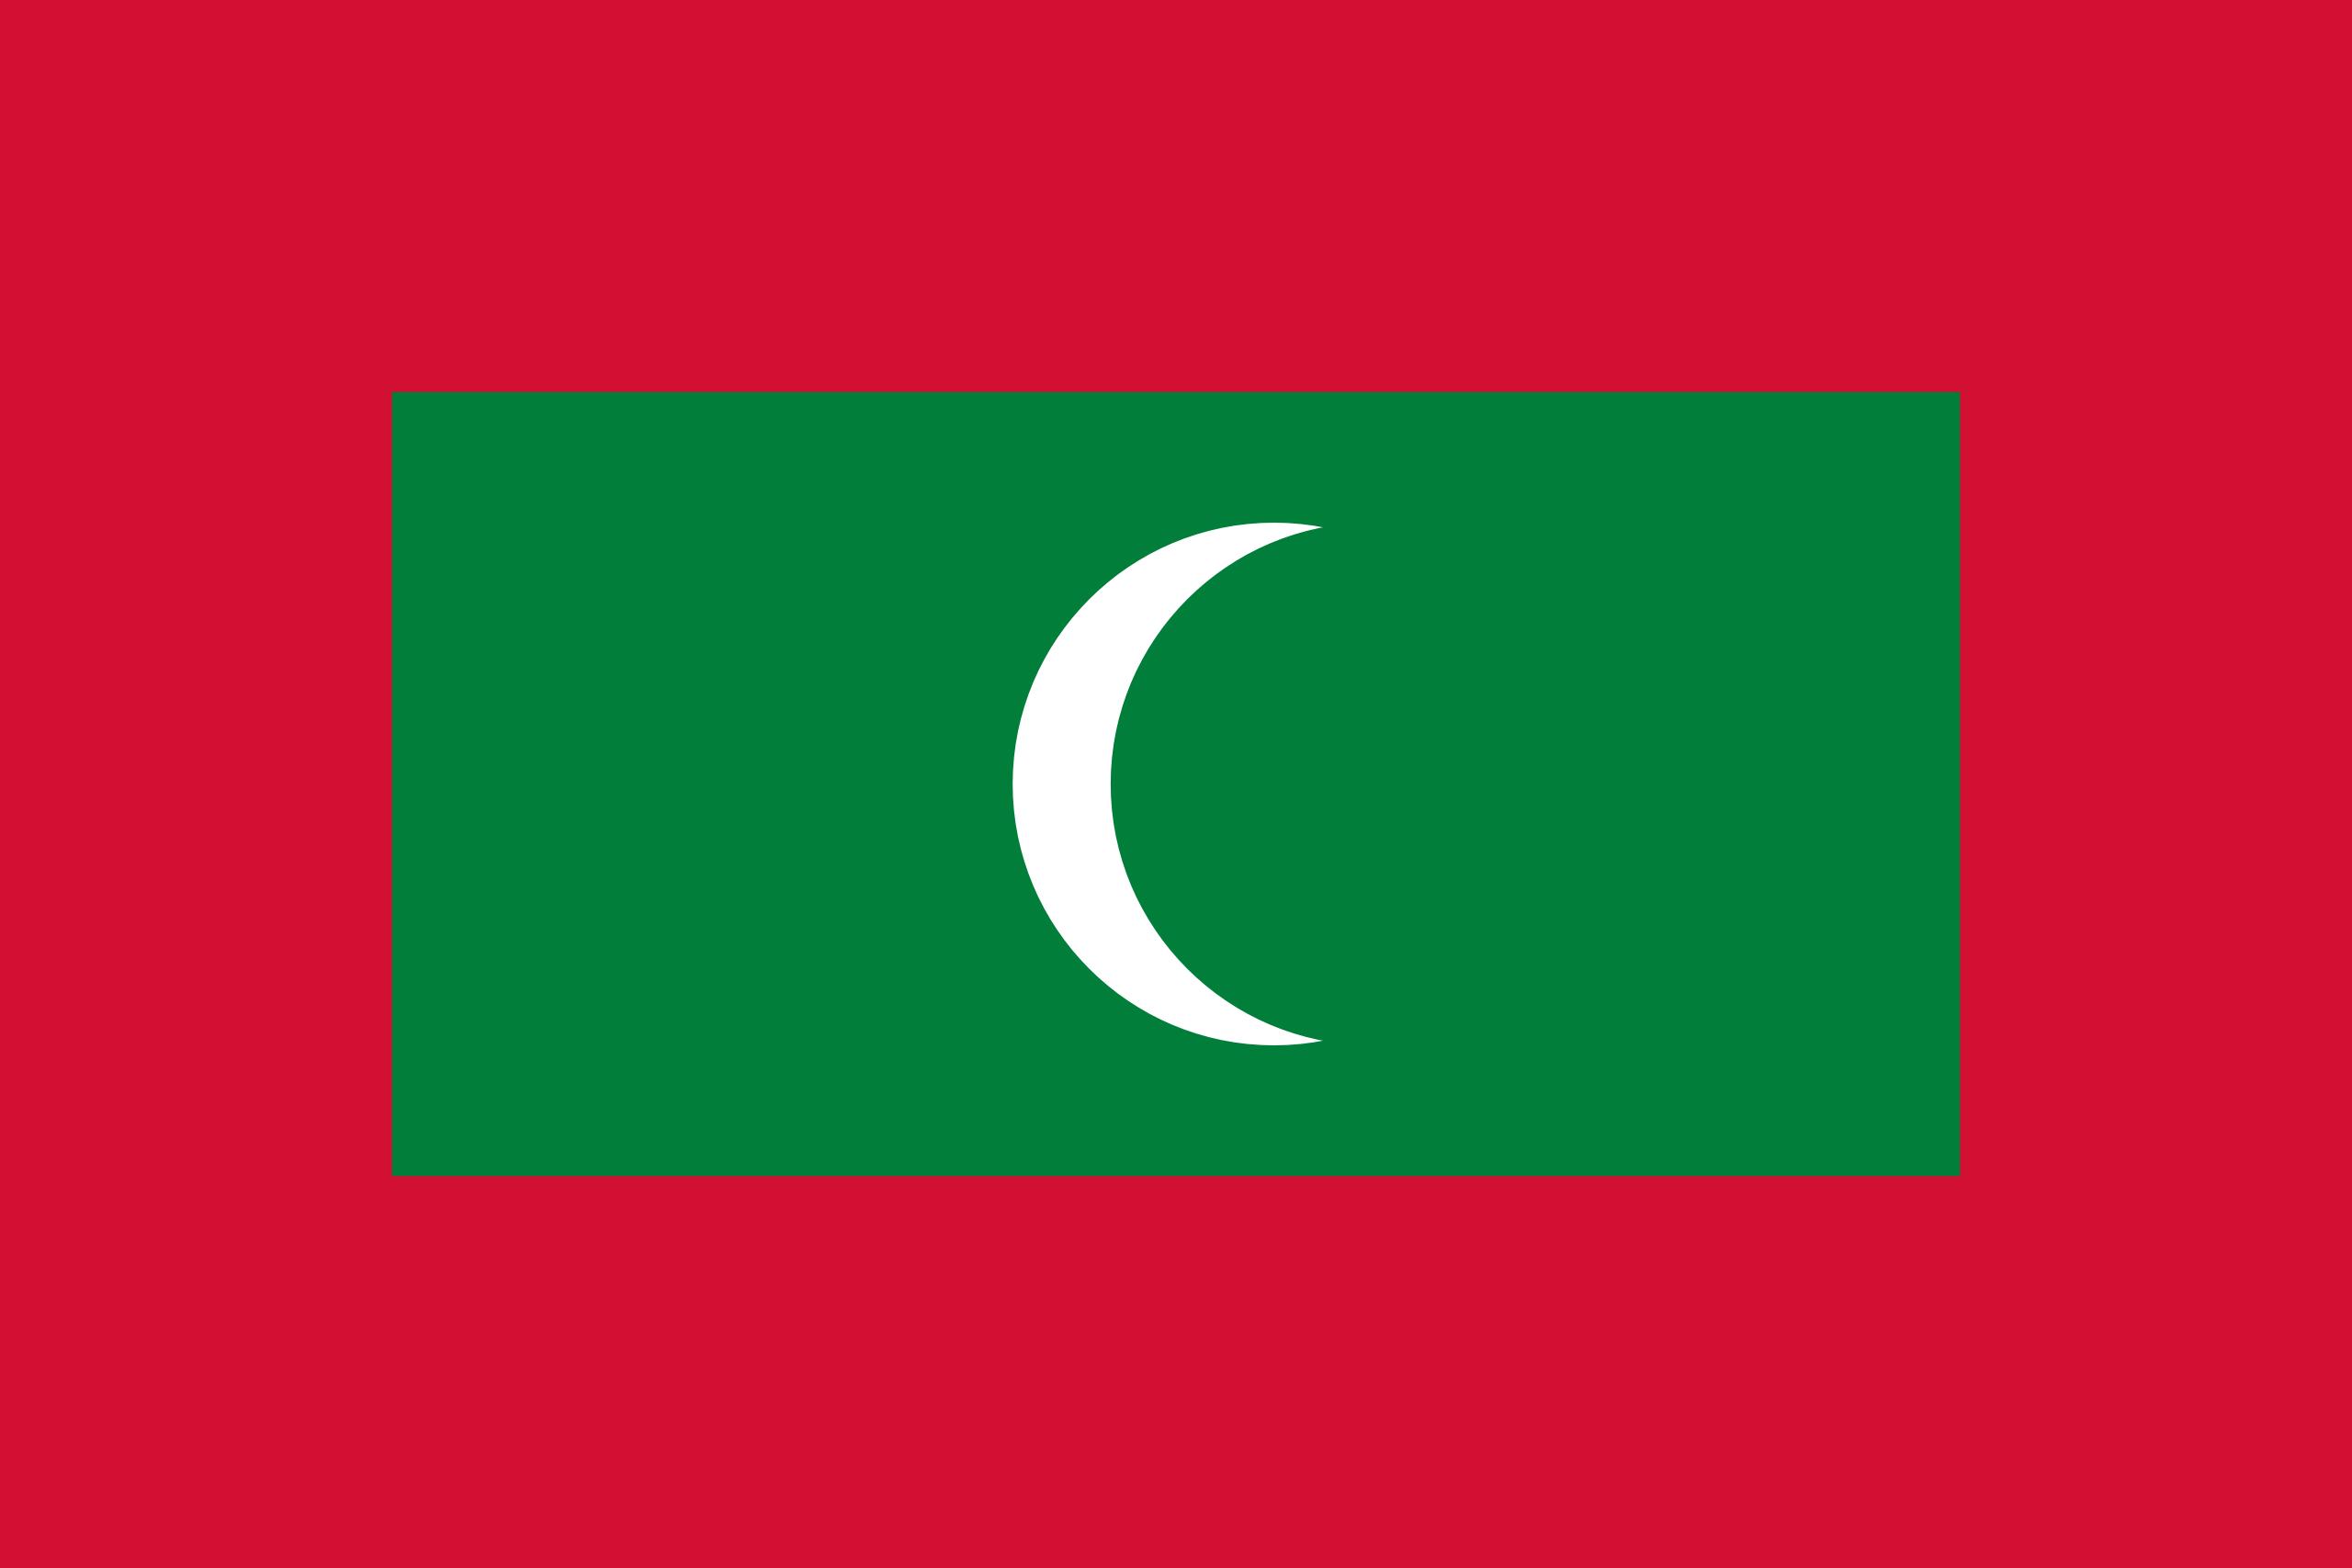 Μαλδίβες, χώρα, έμβλημα, λογότυπο, σύμβολο - Wallpapers HD - Professor-falken.com